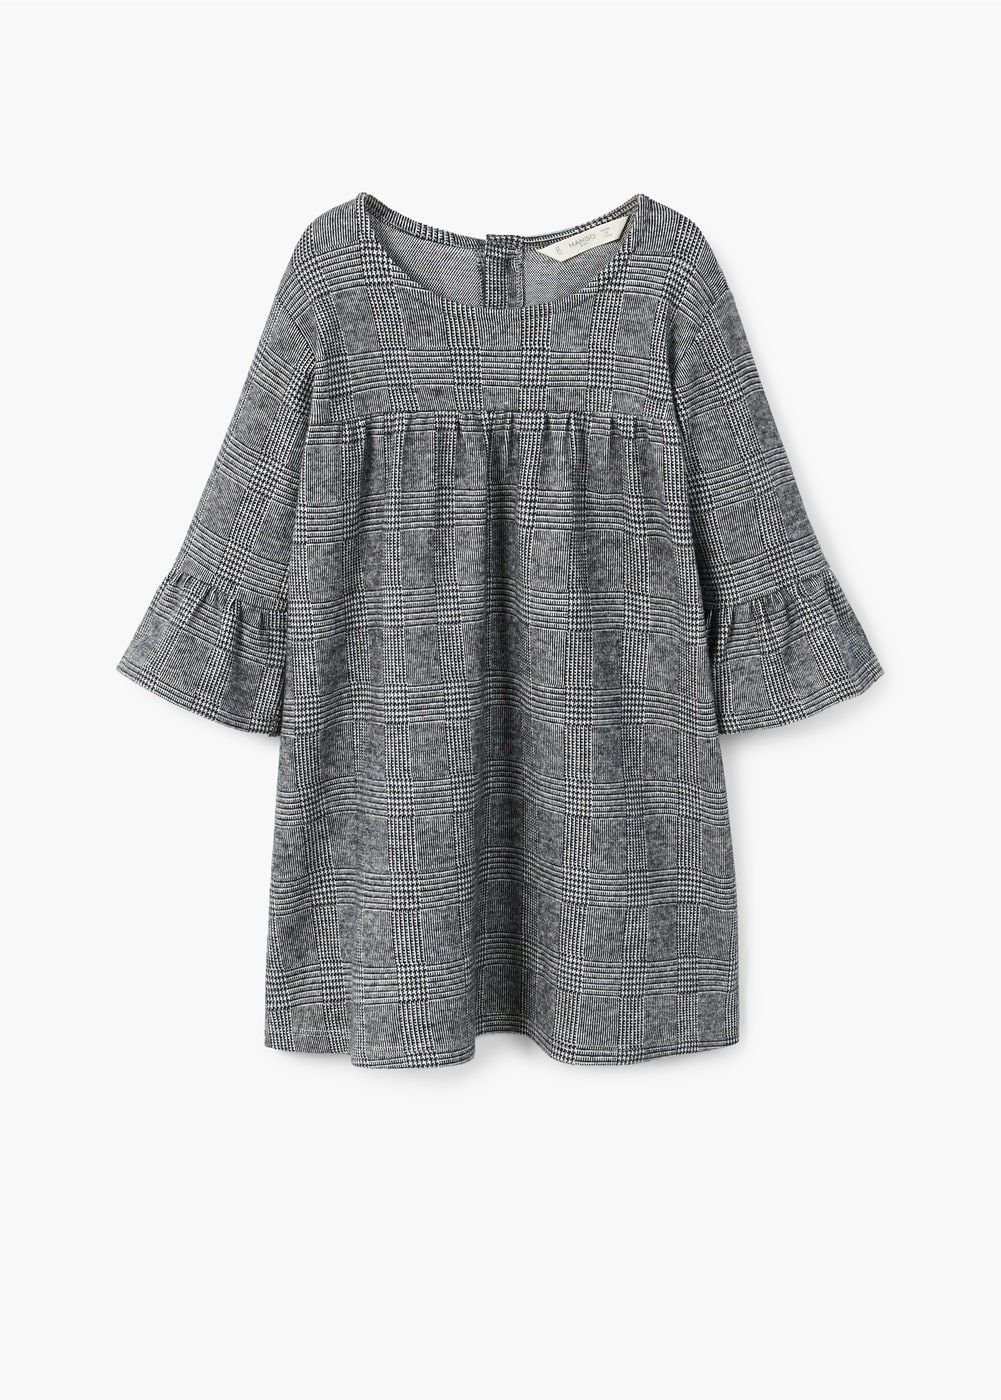 La versión low cost perfecta del vestido favorito de Meghan